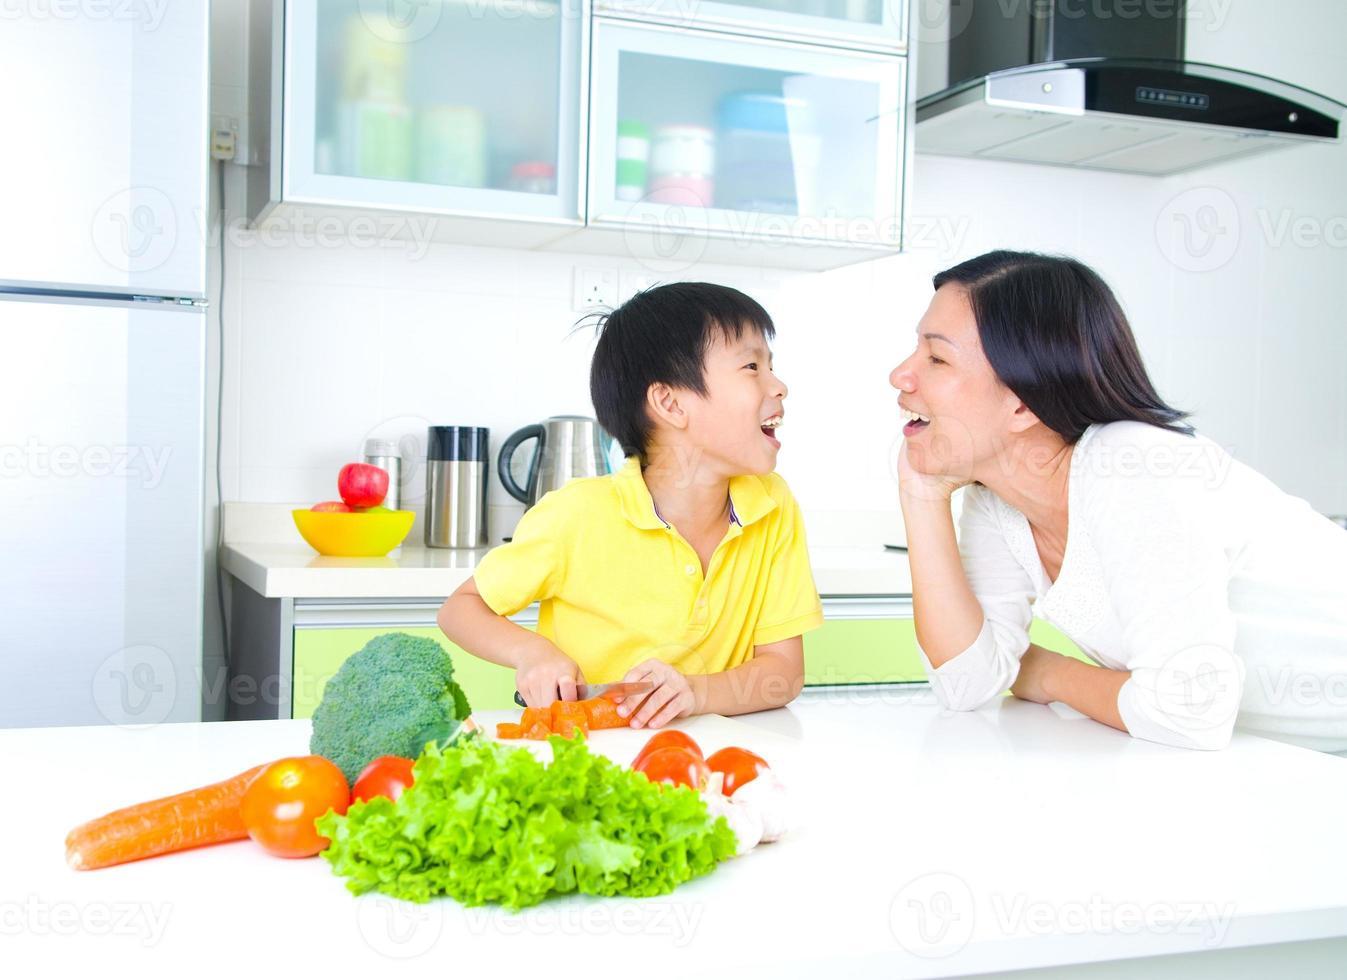 asiatische Familie Küche Lebensstil foto